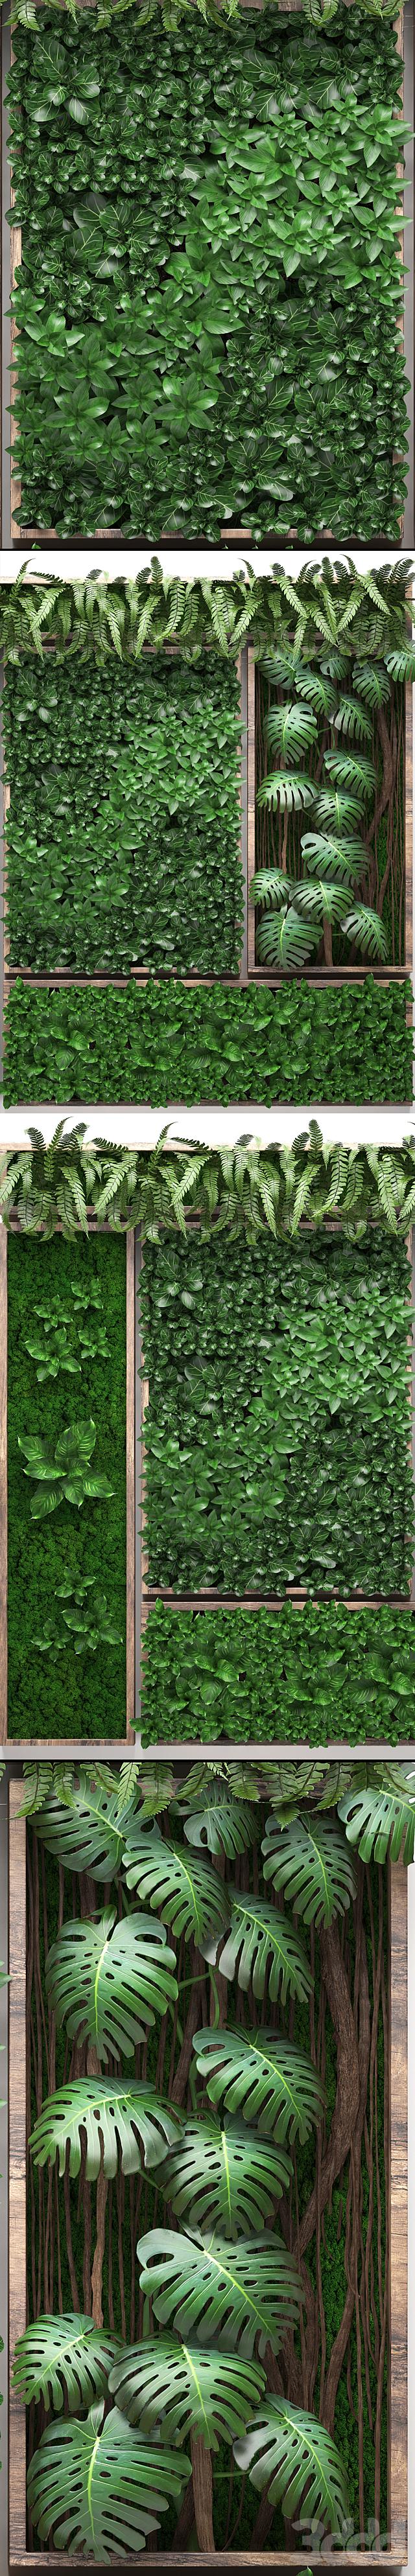 Vertical garden 22. Пять отдельных модулей